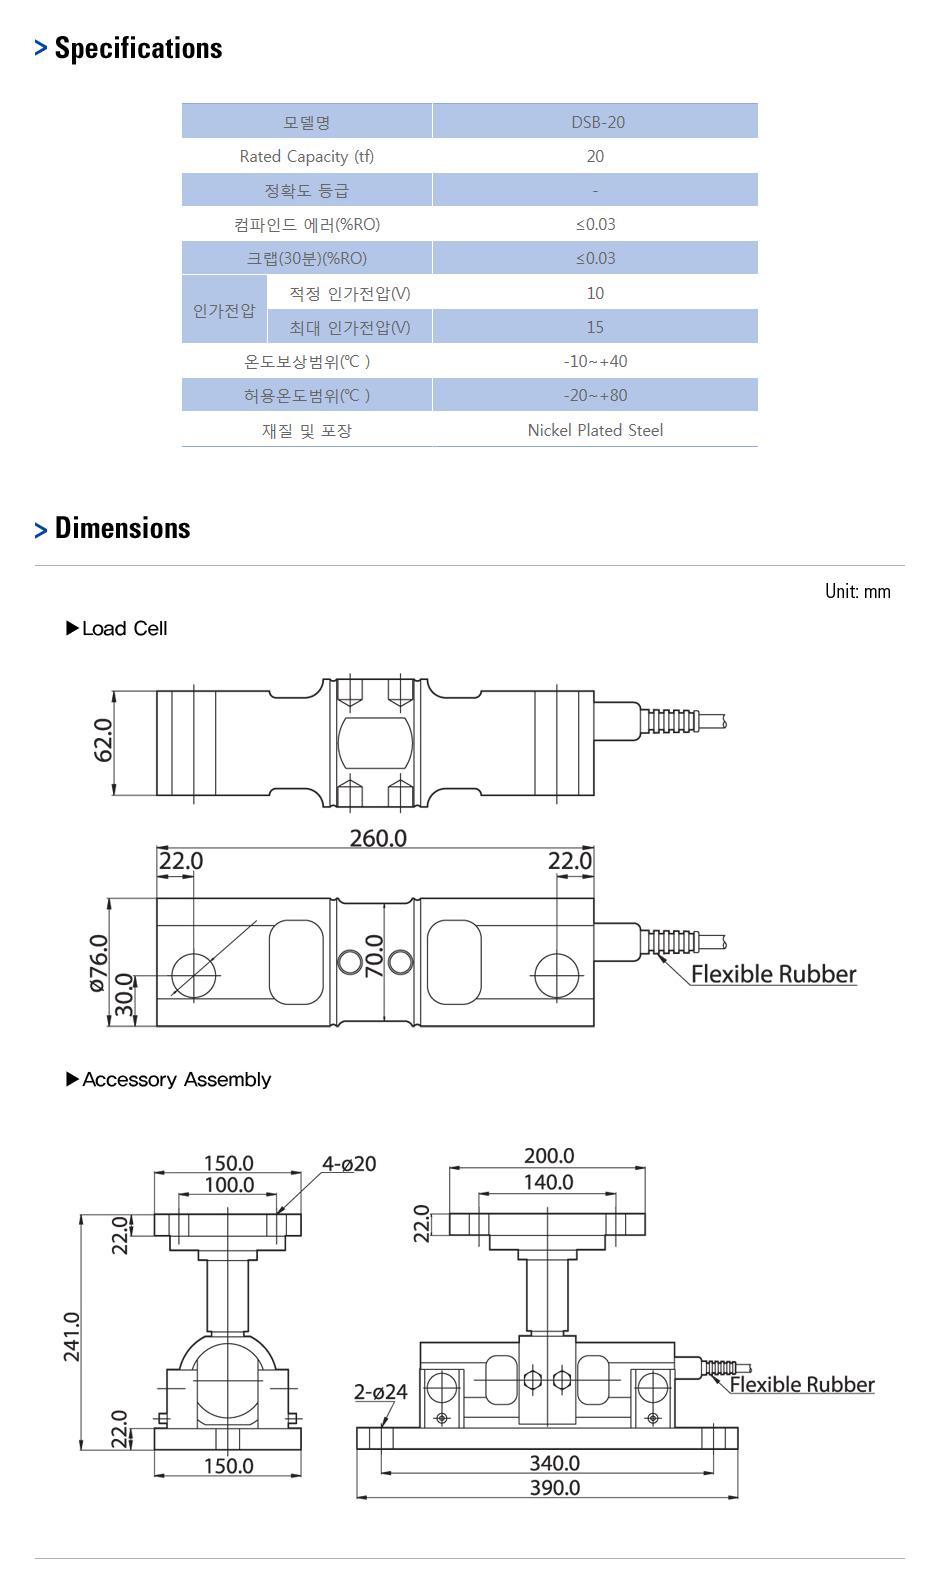 카스 로드셀 - Truck & Tank weighing 타입  16